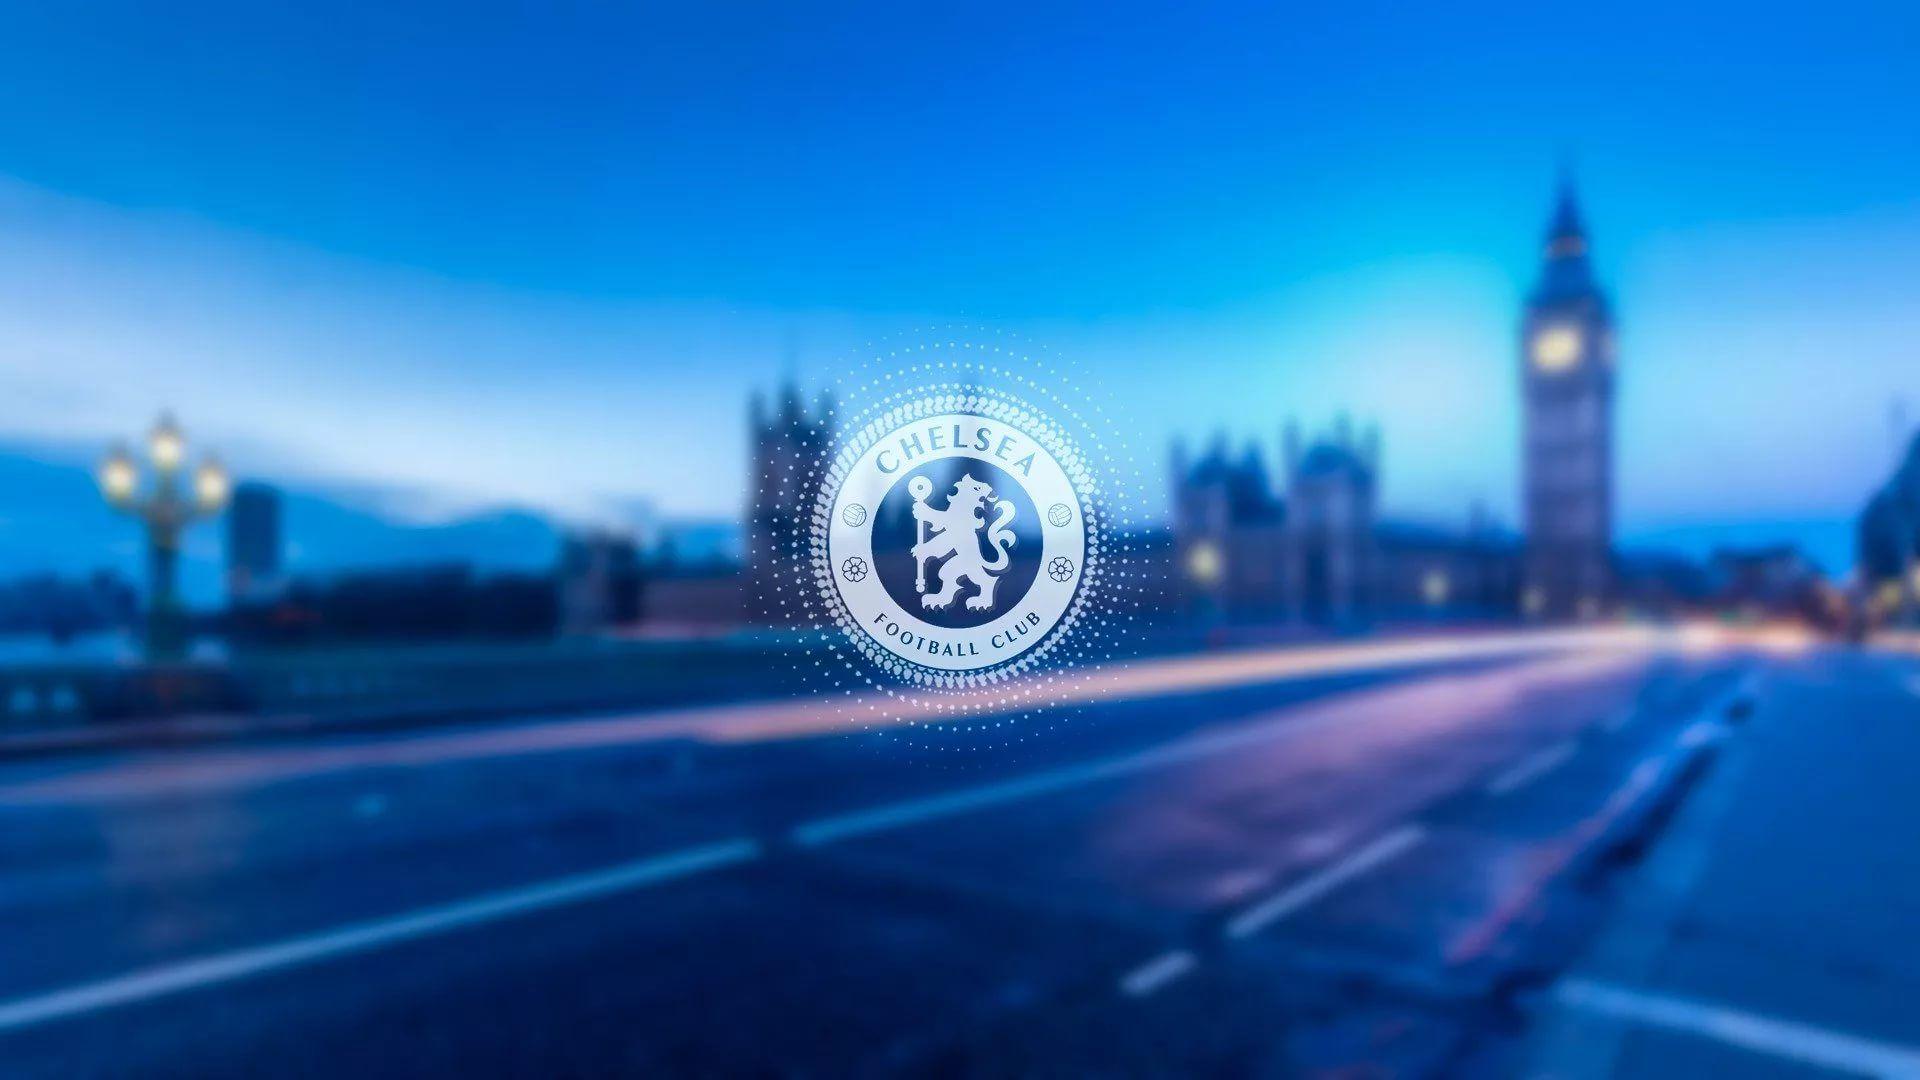 Chelsea full wallpaper